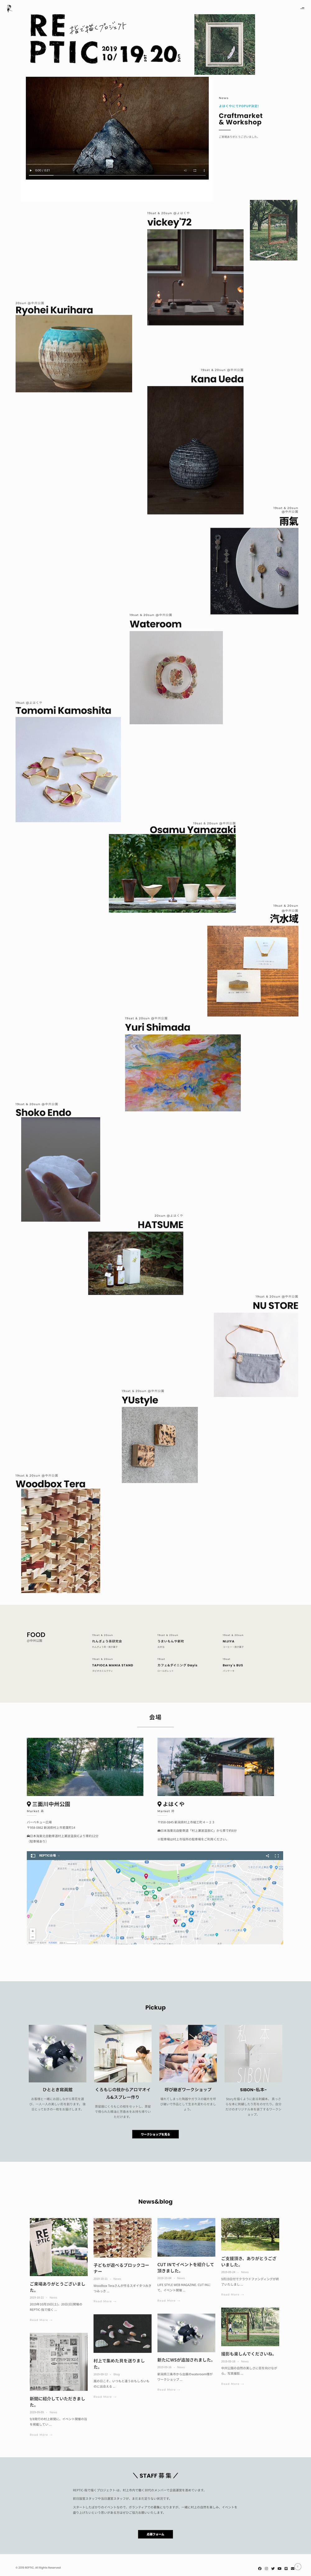 新潟県村上市で開催したクラフトイベントREPTIC-指で描くプロジェクト-のホームページ制作実績のスクリーンショット